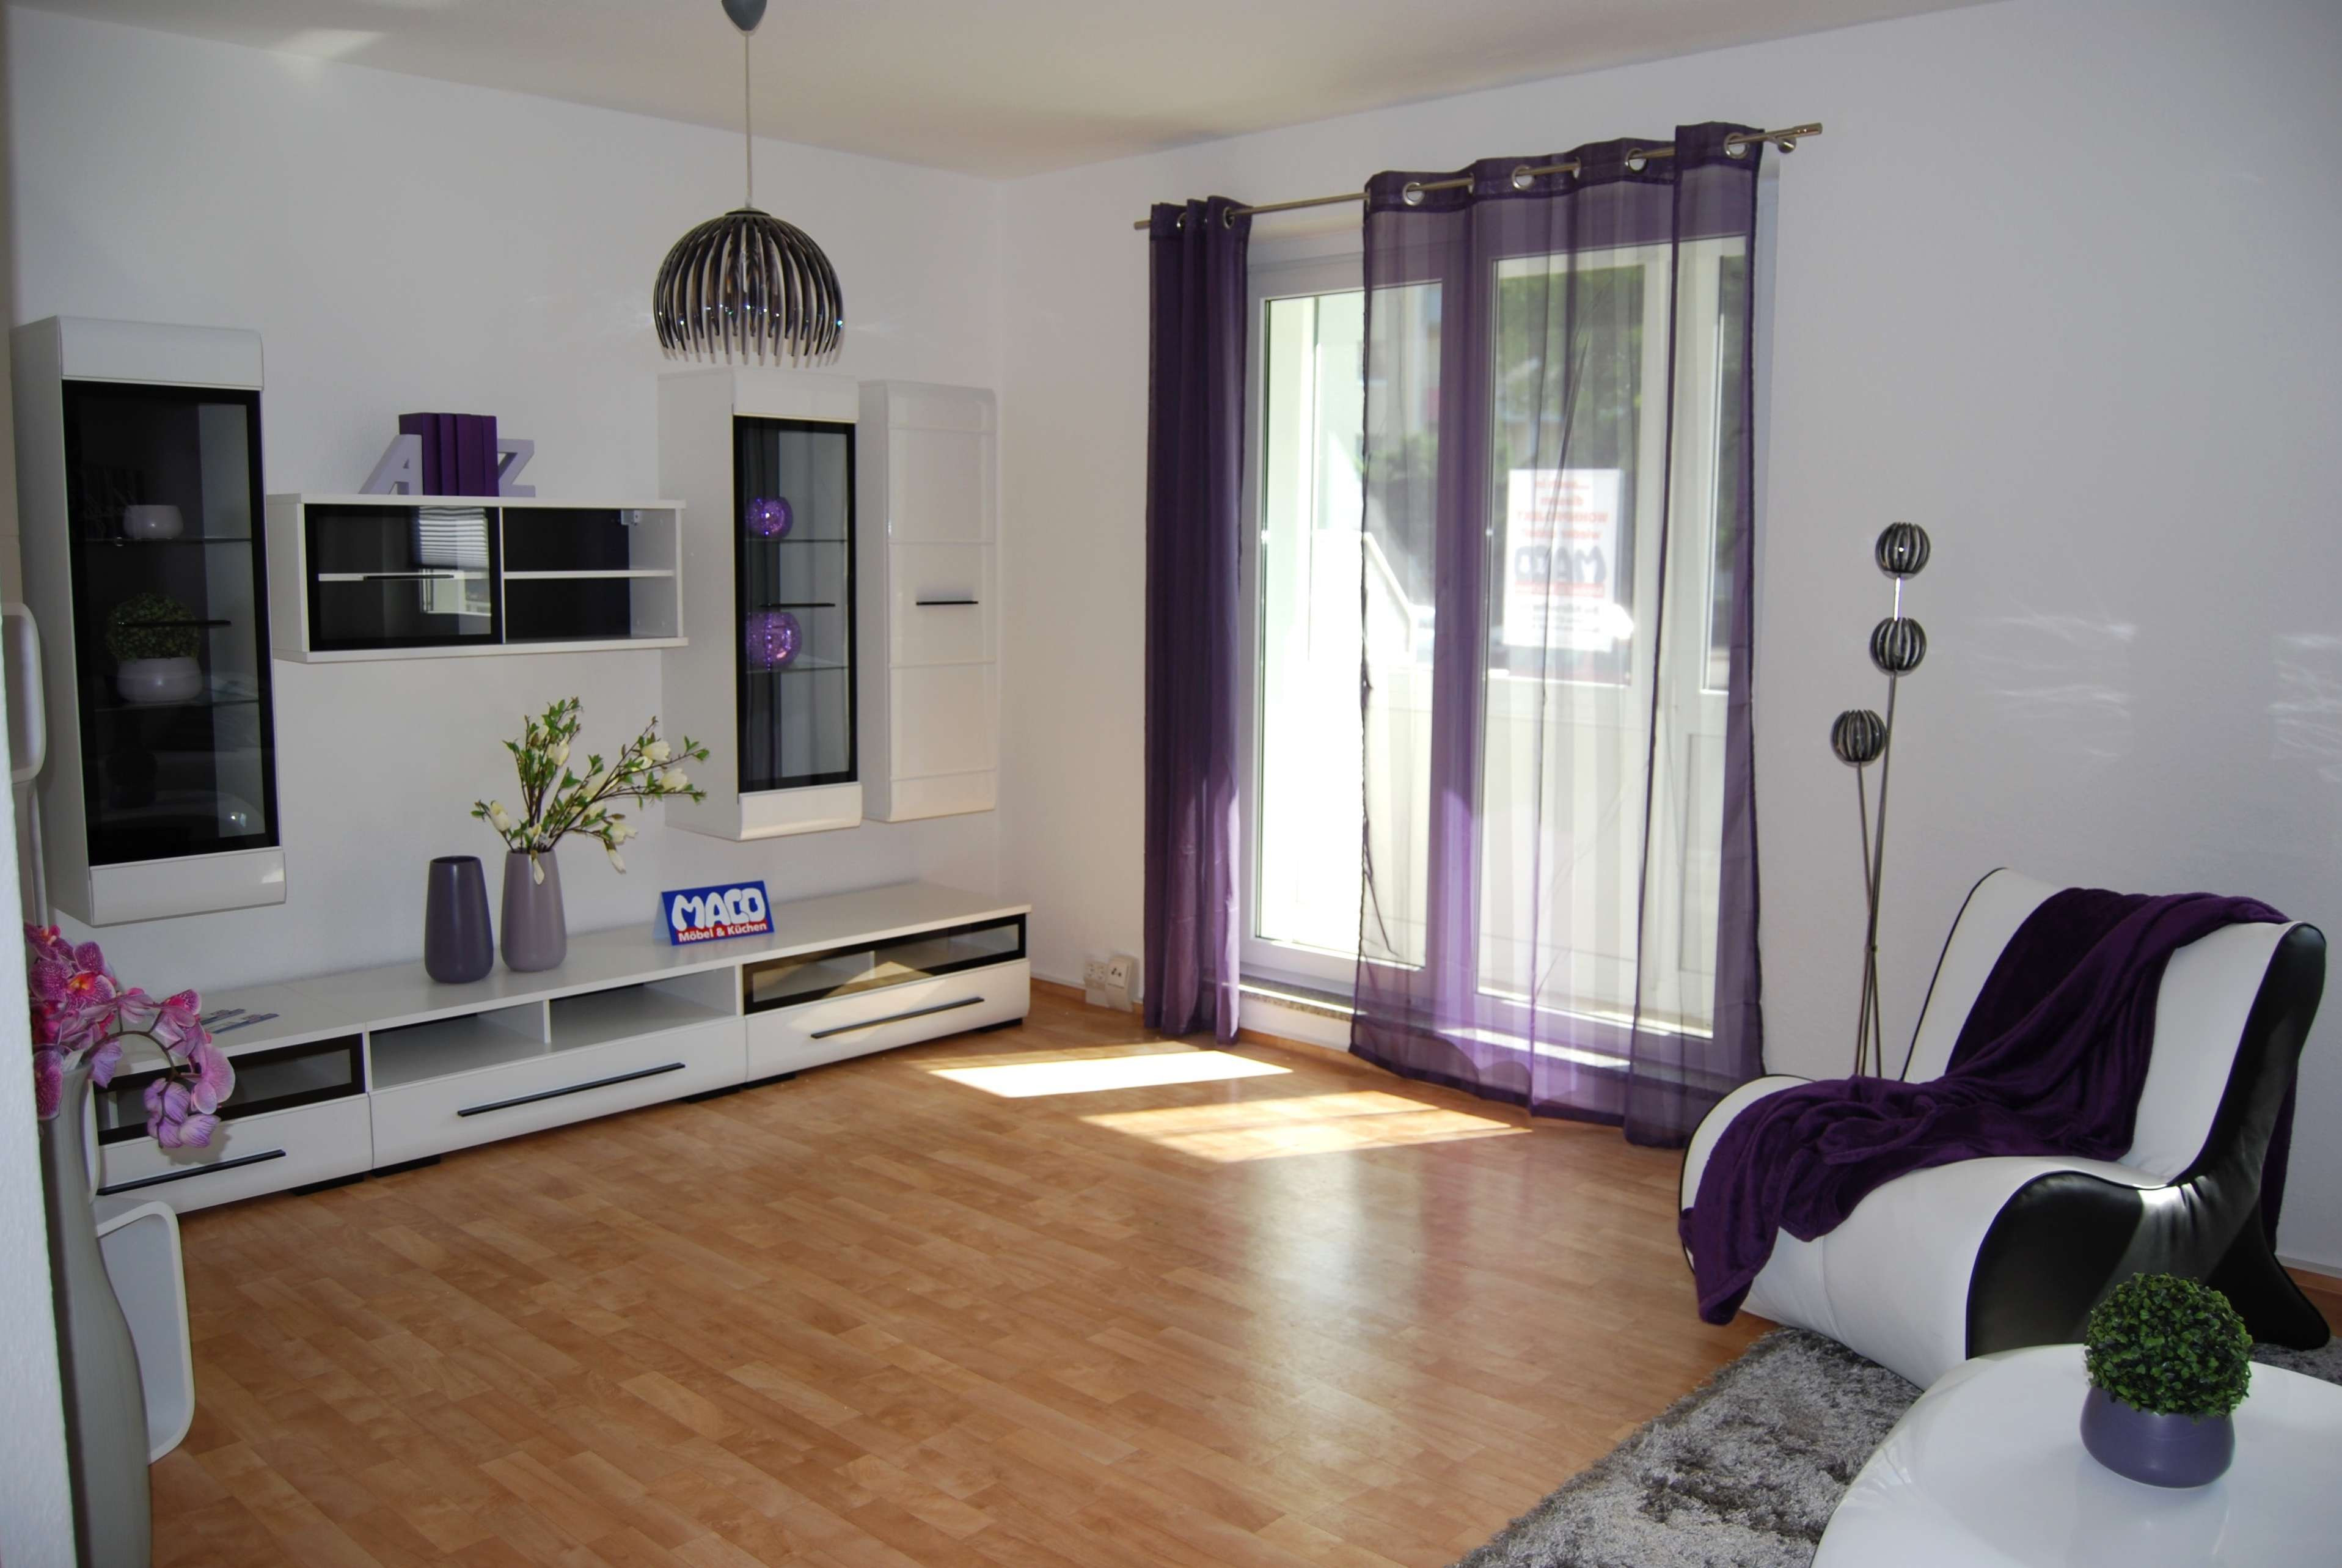 1 Raum Wohnung  1 Raum Wohnung Gestalten Home Ideen